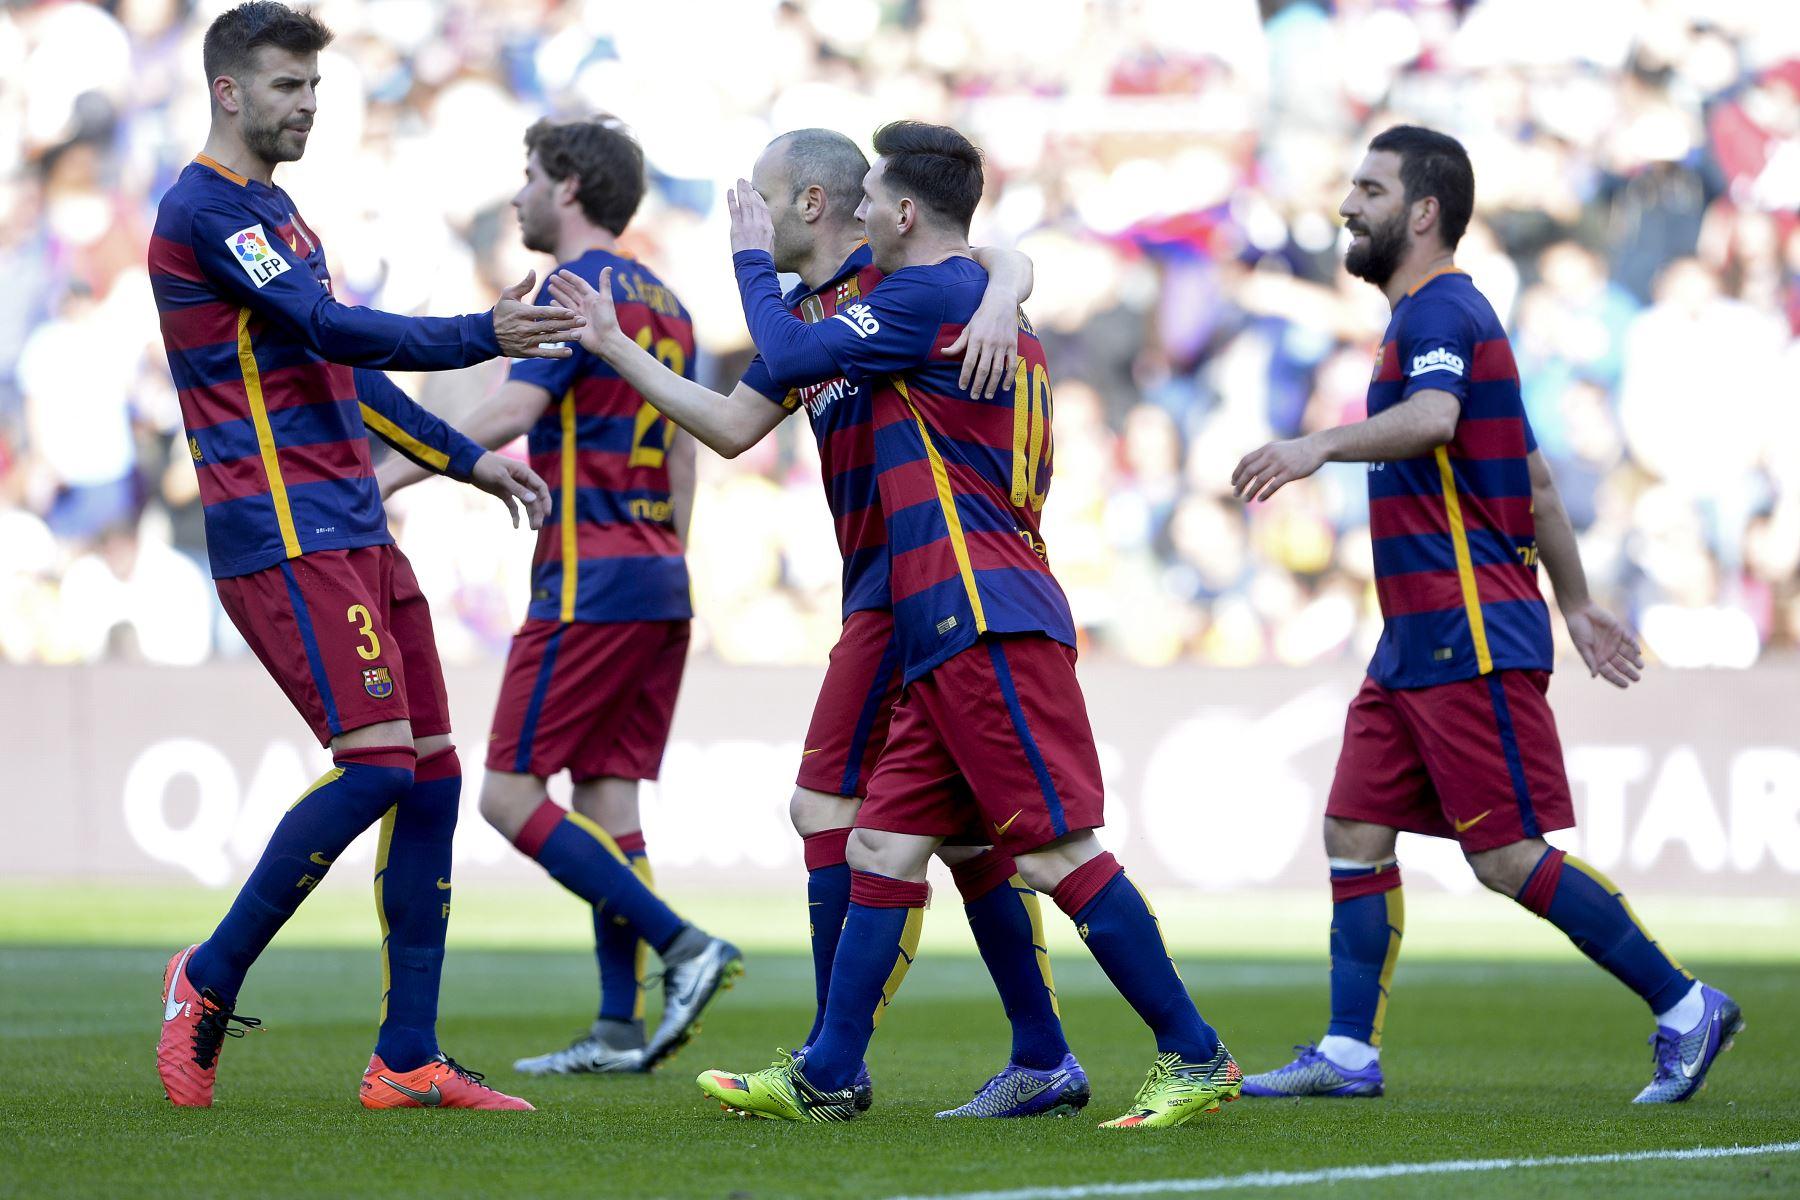 Hasil Getafe Vs Real Madrid 0 0 Los Blancos Mandul: El Barcelona Golea 6-0 Al Getafe Con Show De Messi Y